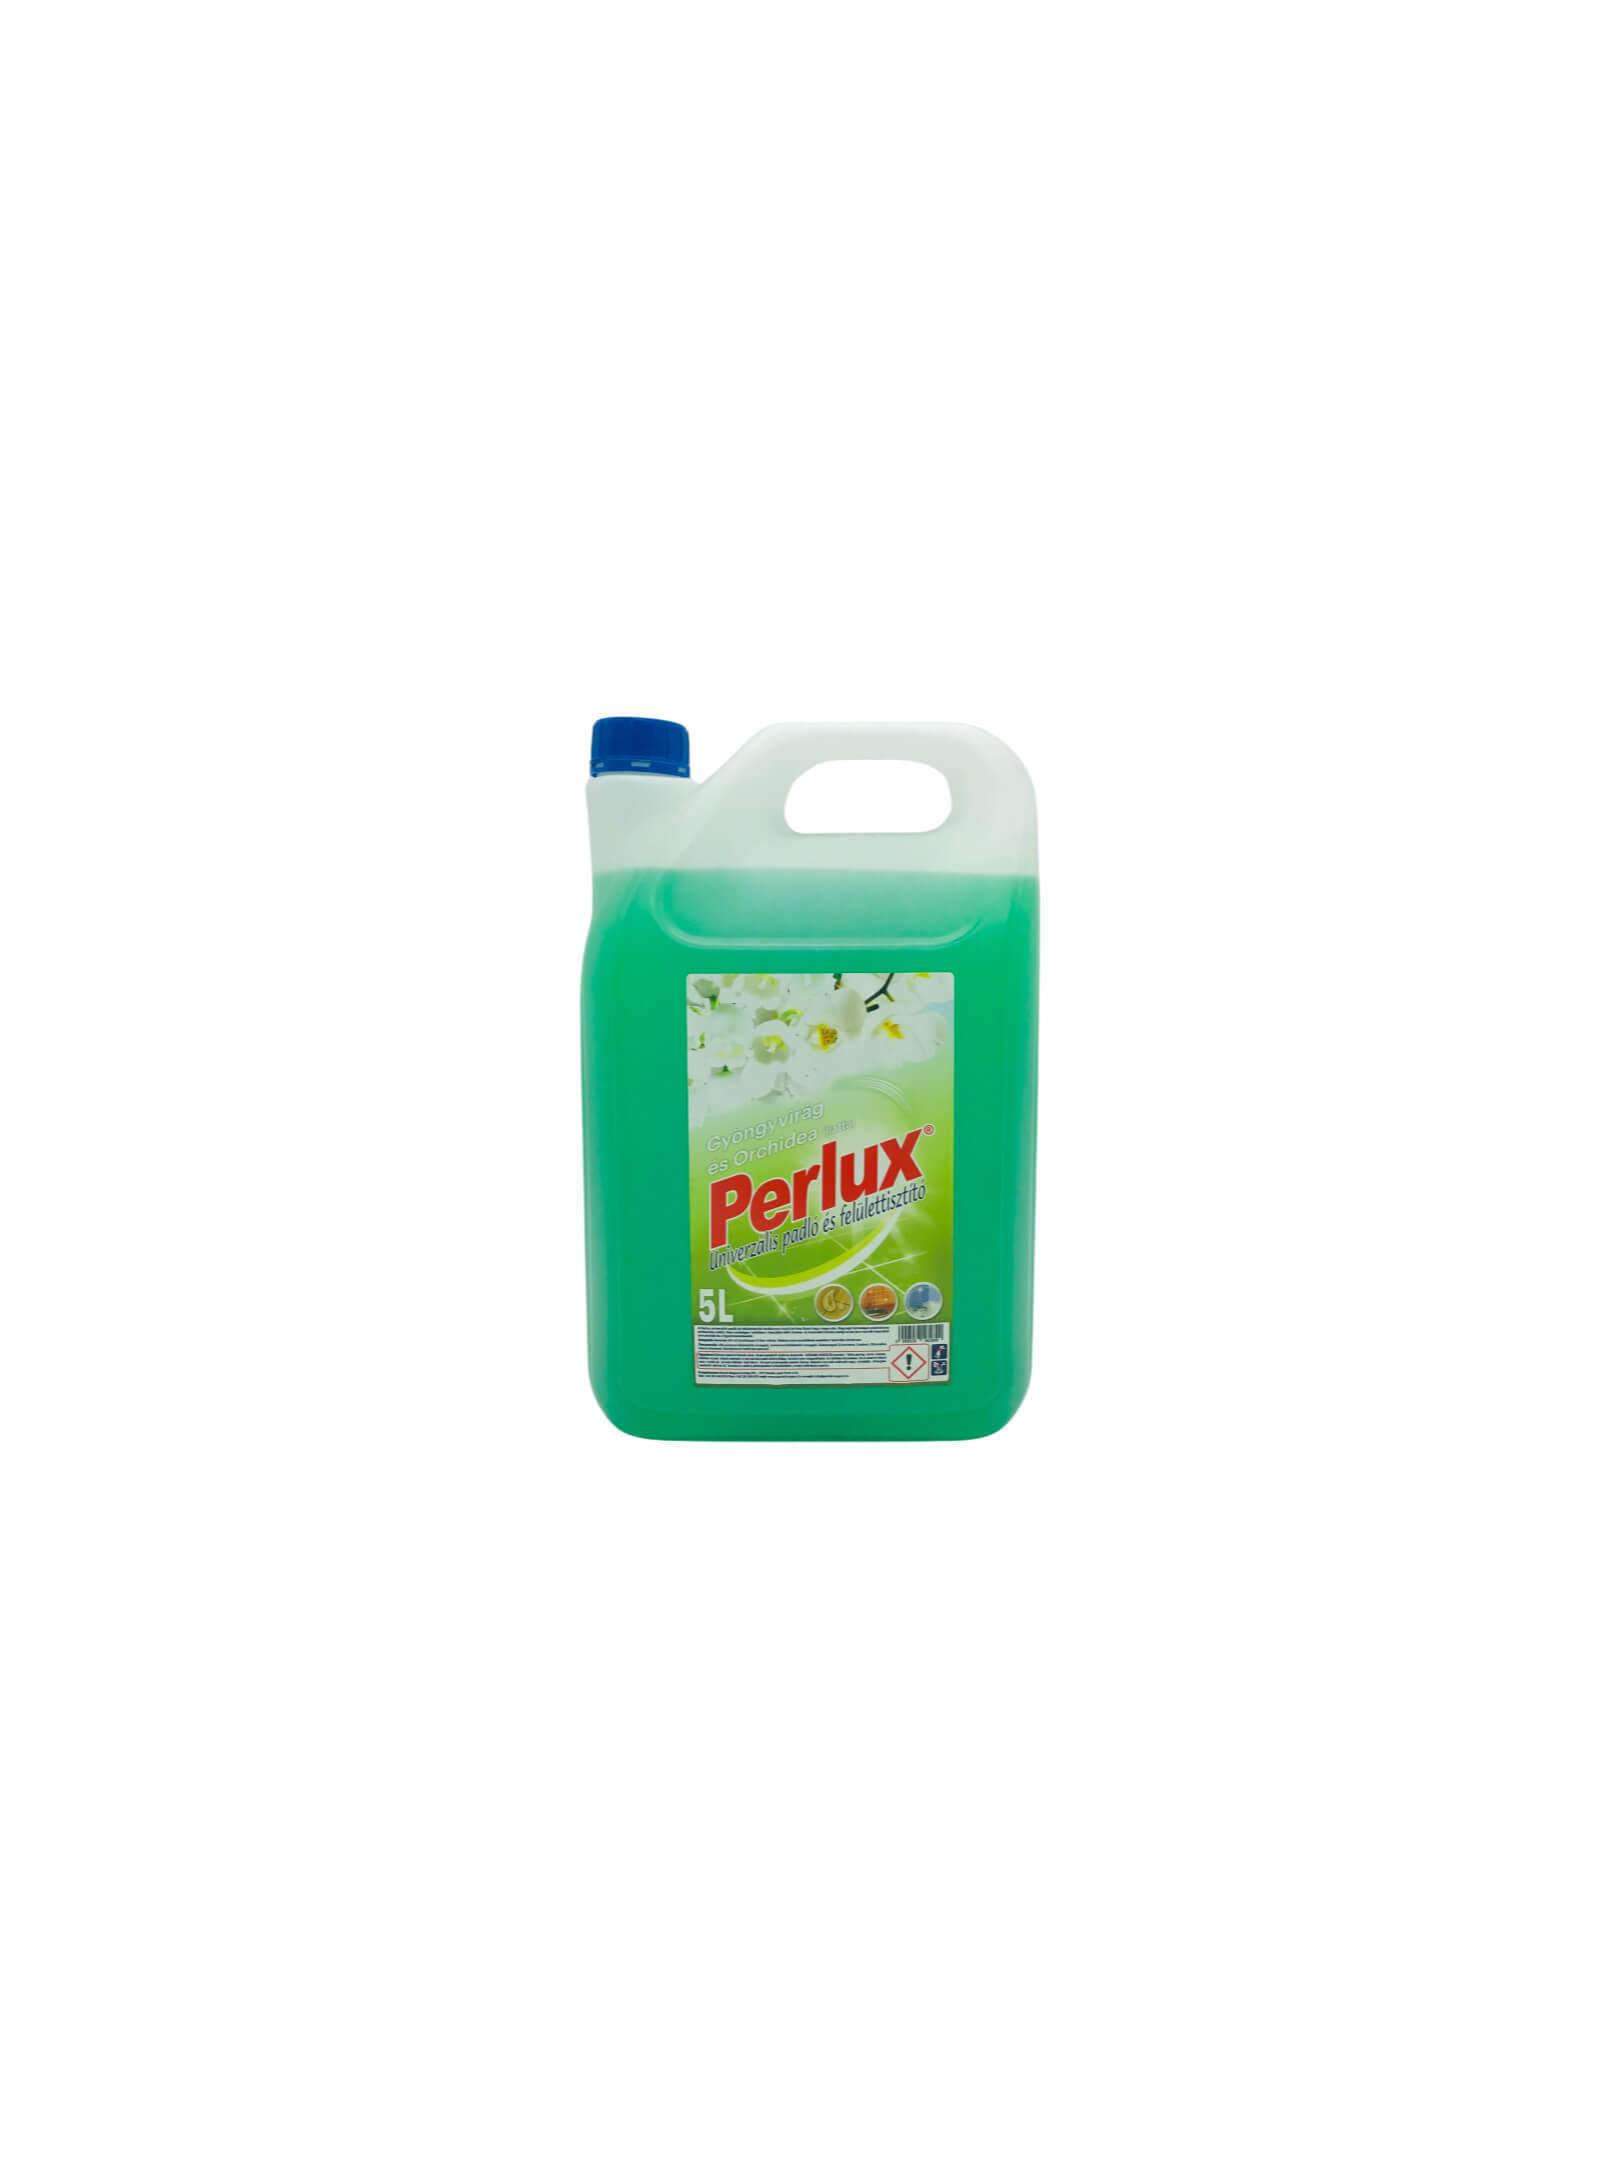 Perlux univerzális padló-és felülettisztító 5l GYÖNGYVIRÁG_ORCHIDEA illat